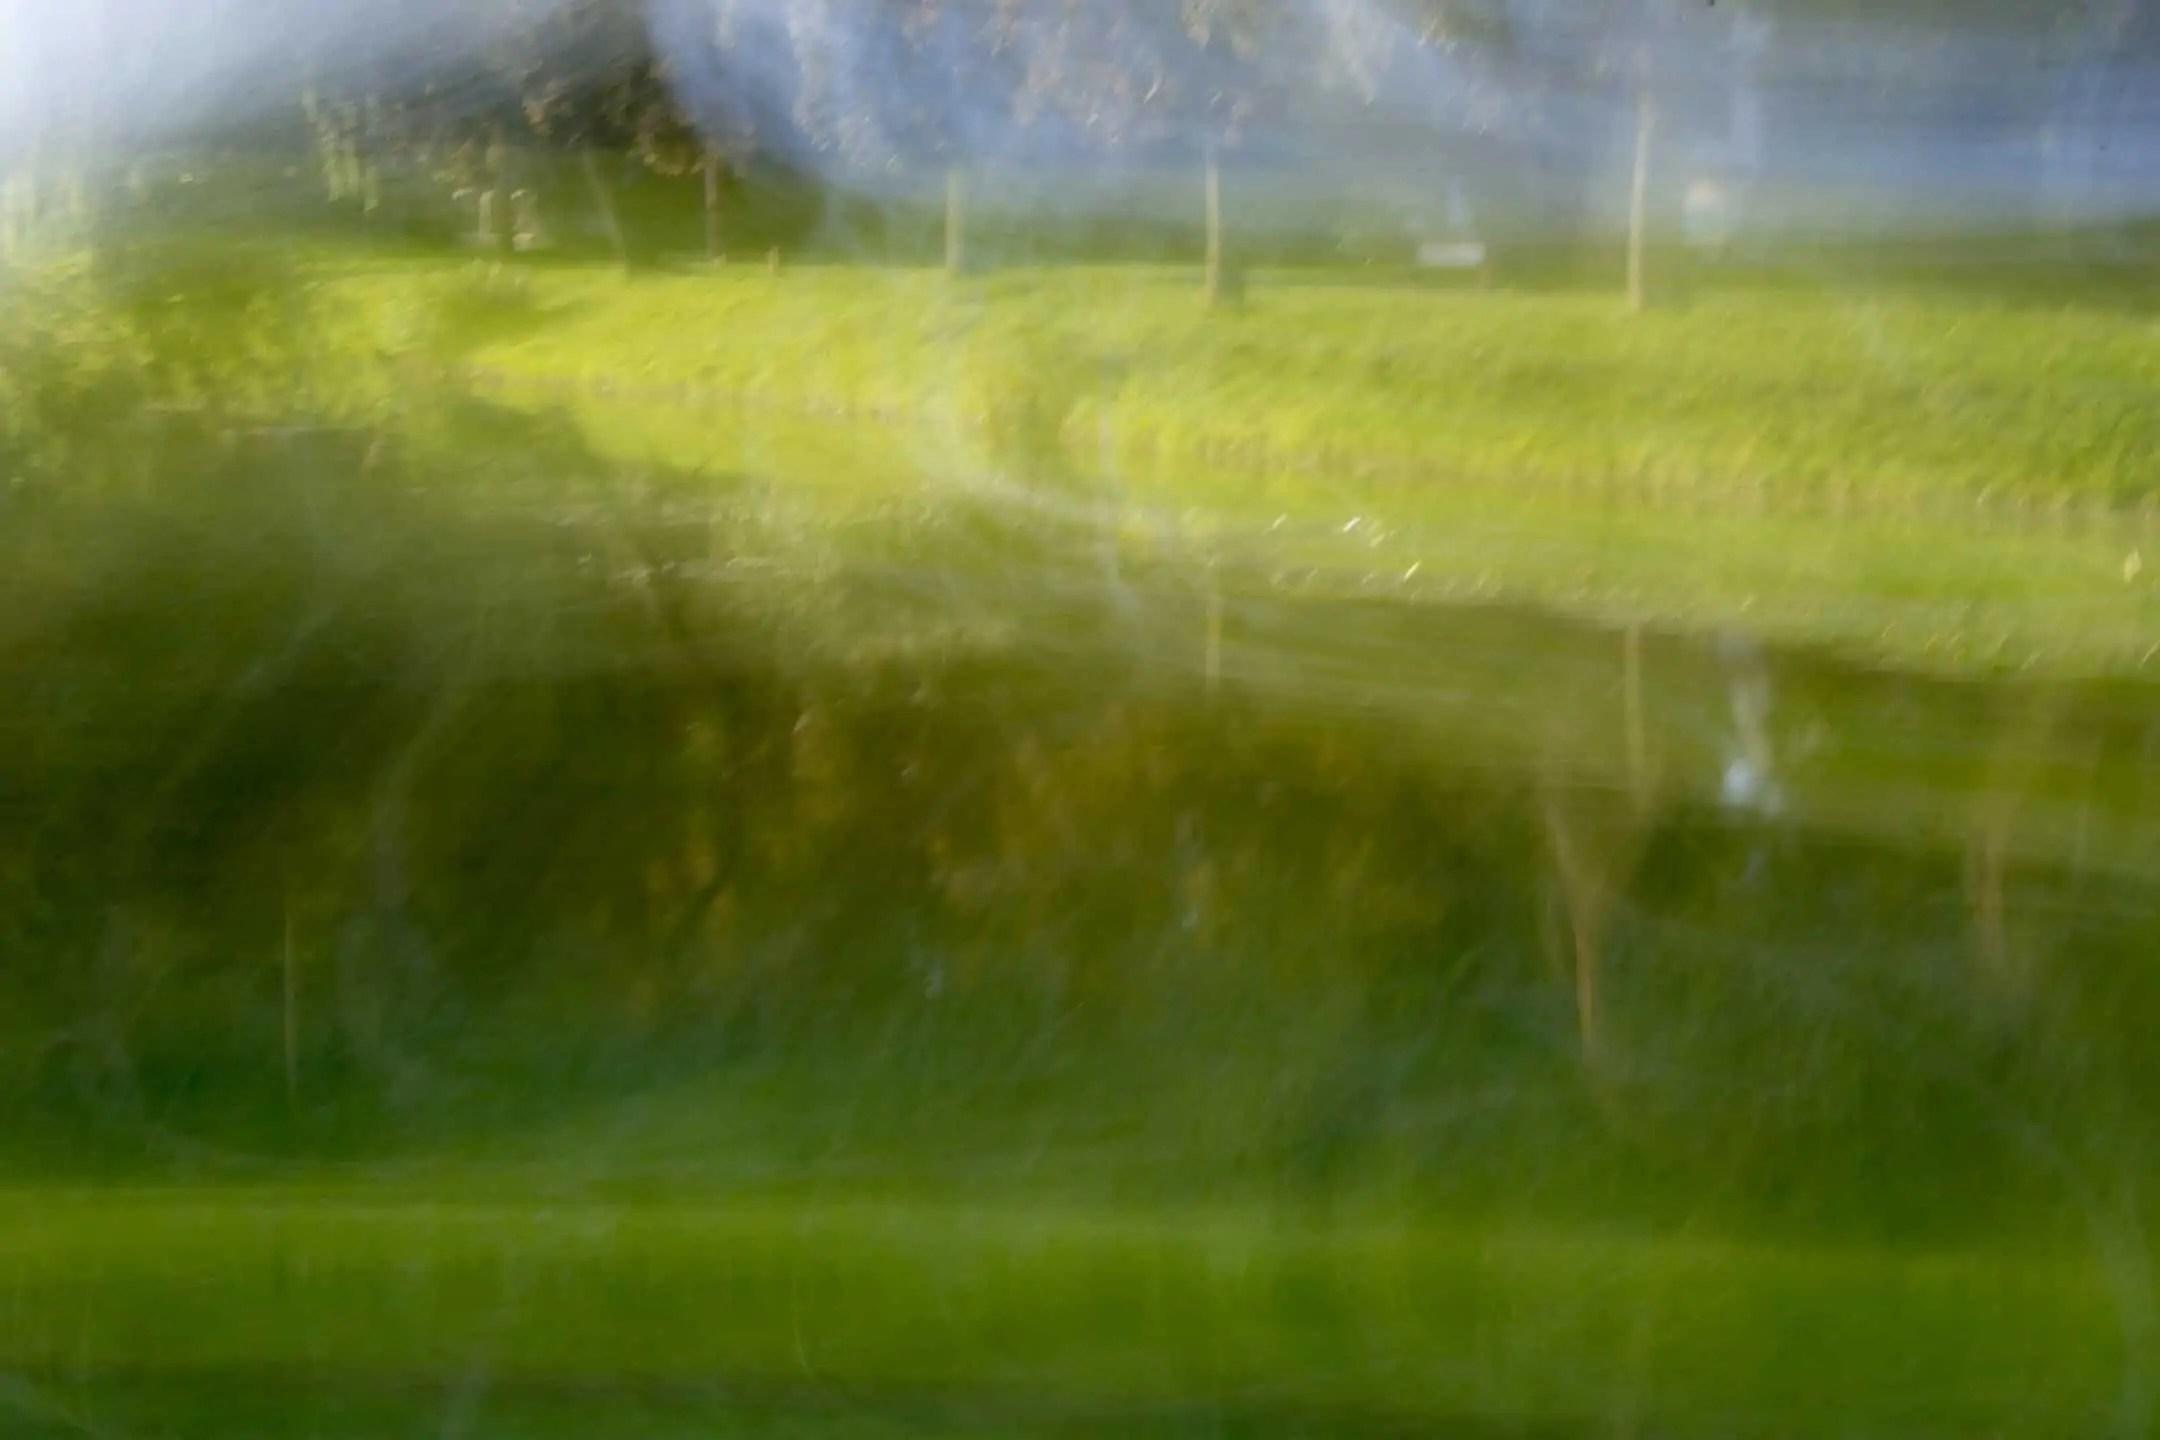 Abstrakcja w krajobrazie świadome poruszenie zdjęcia 2 - Zasady kompozycji - przewodnik po 20 regułach